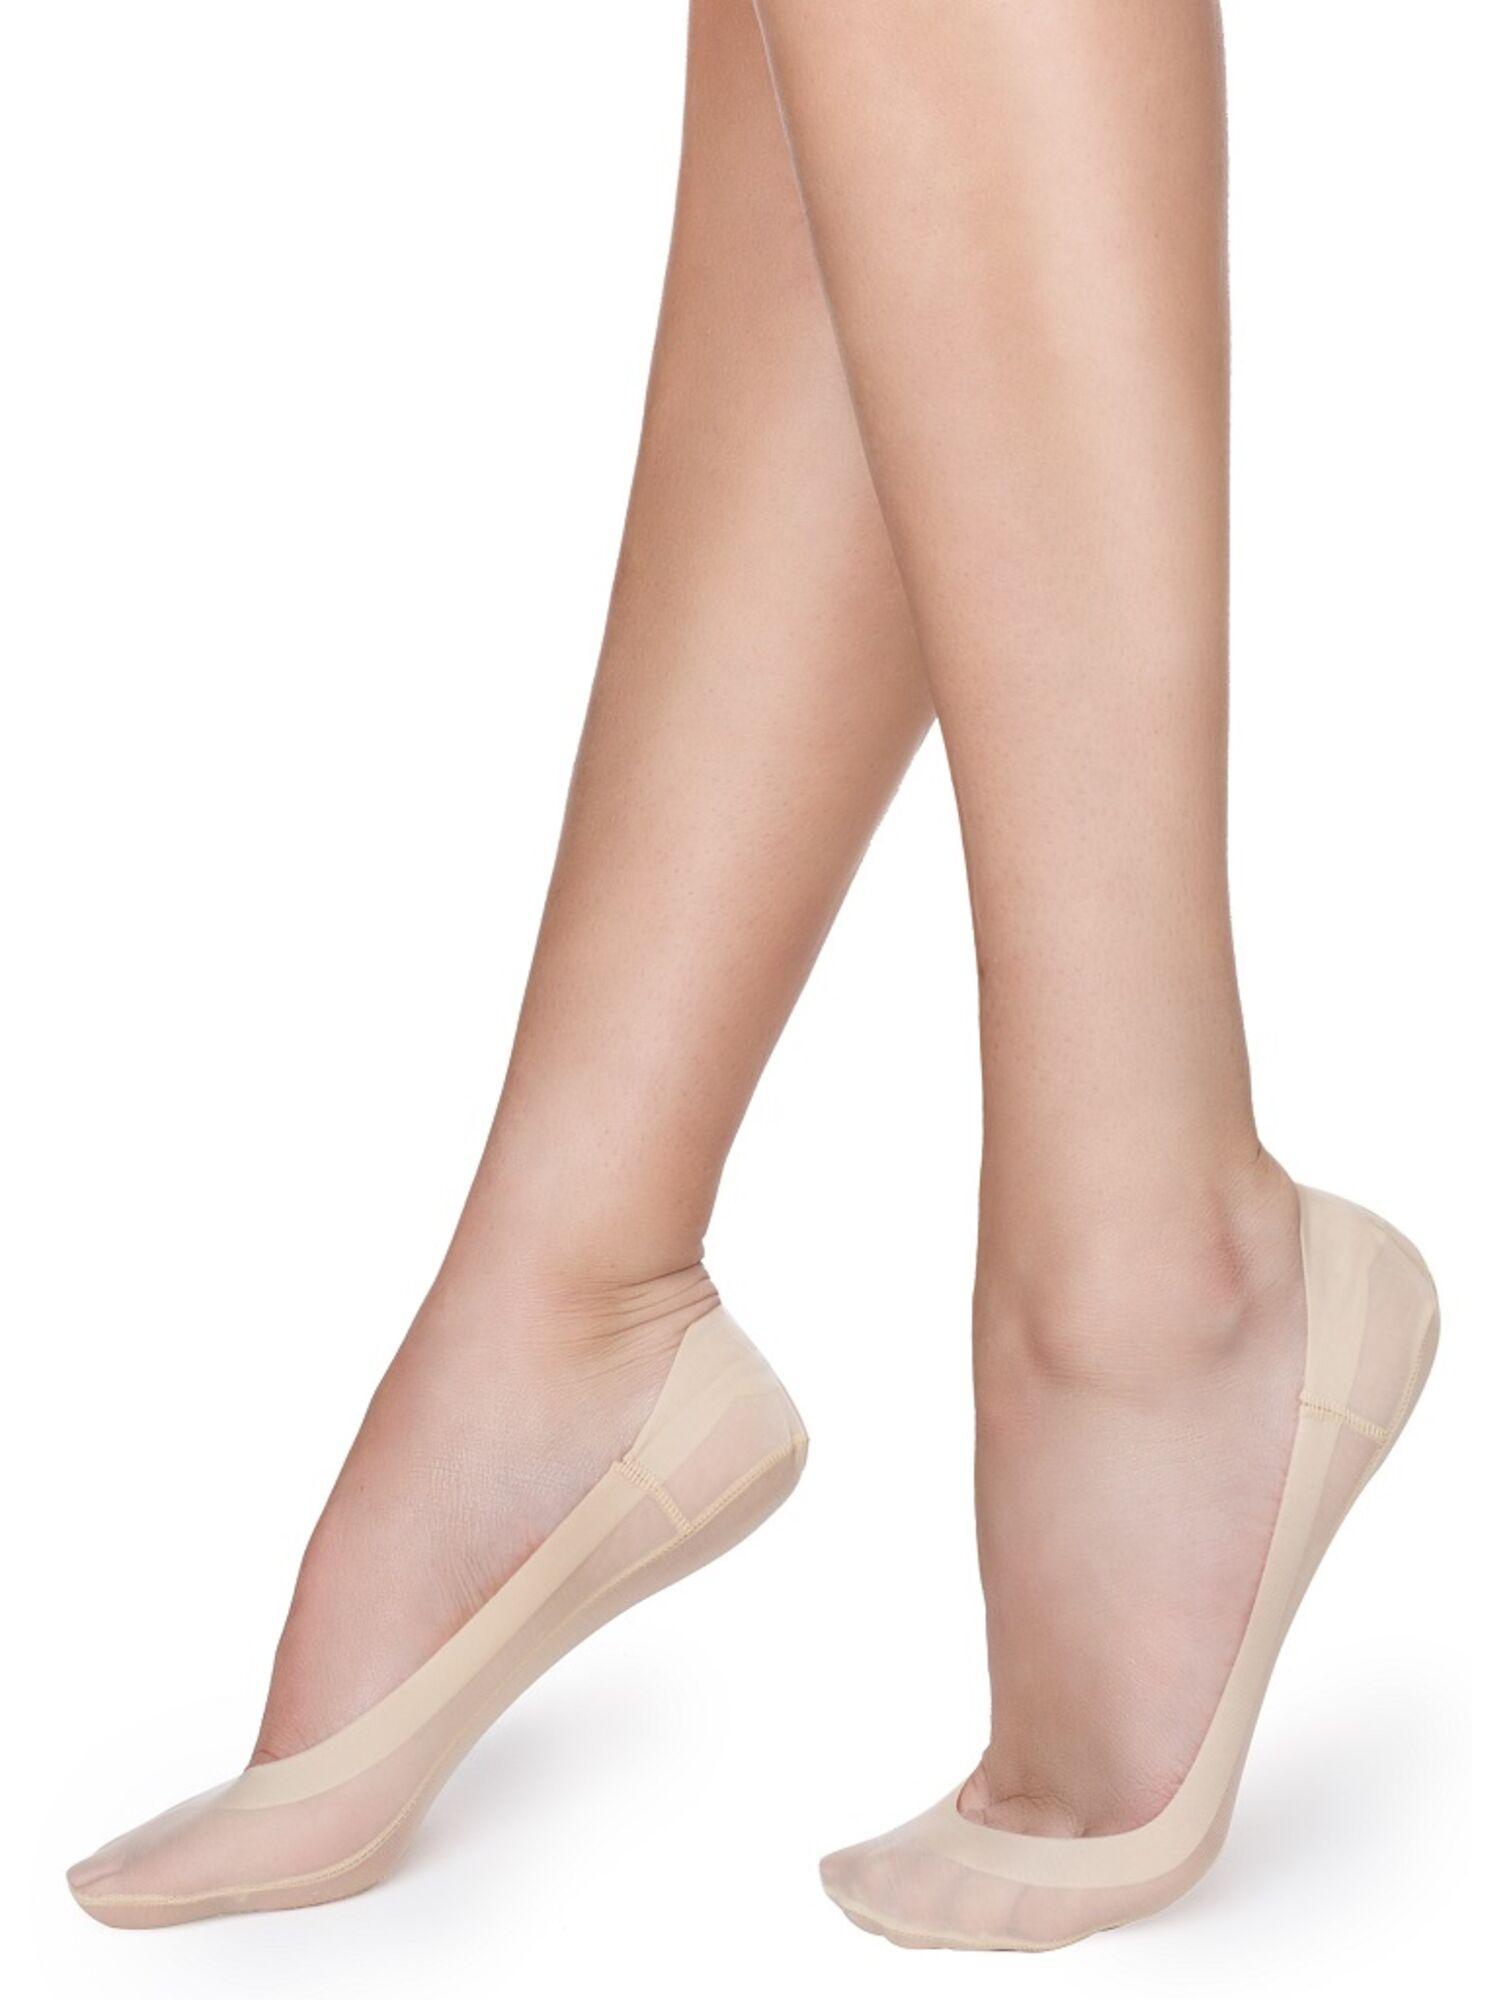 Подследники женские STOPKI Lux Line normal ABS телесный, MARILYN